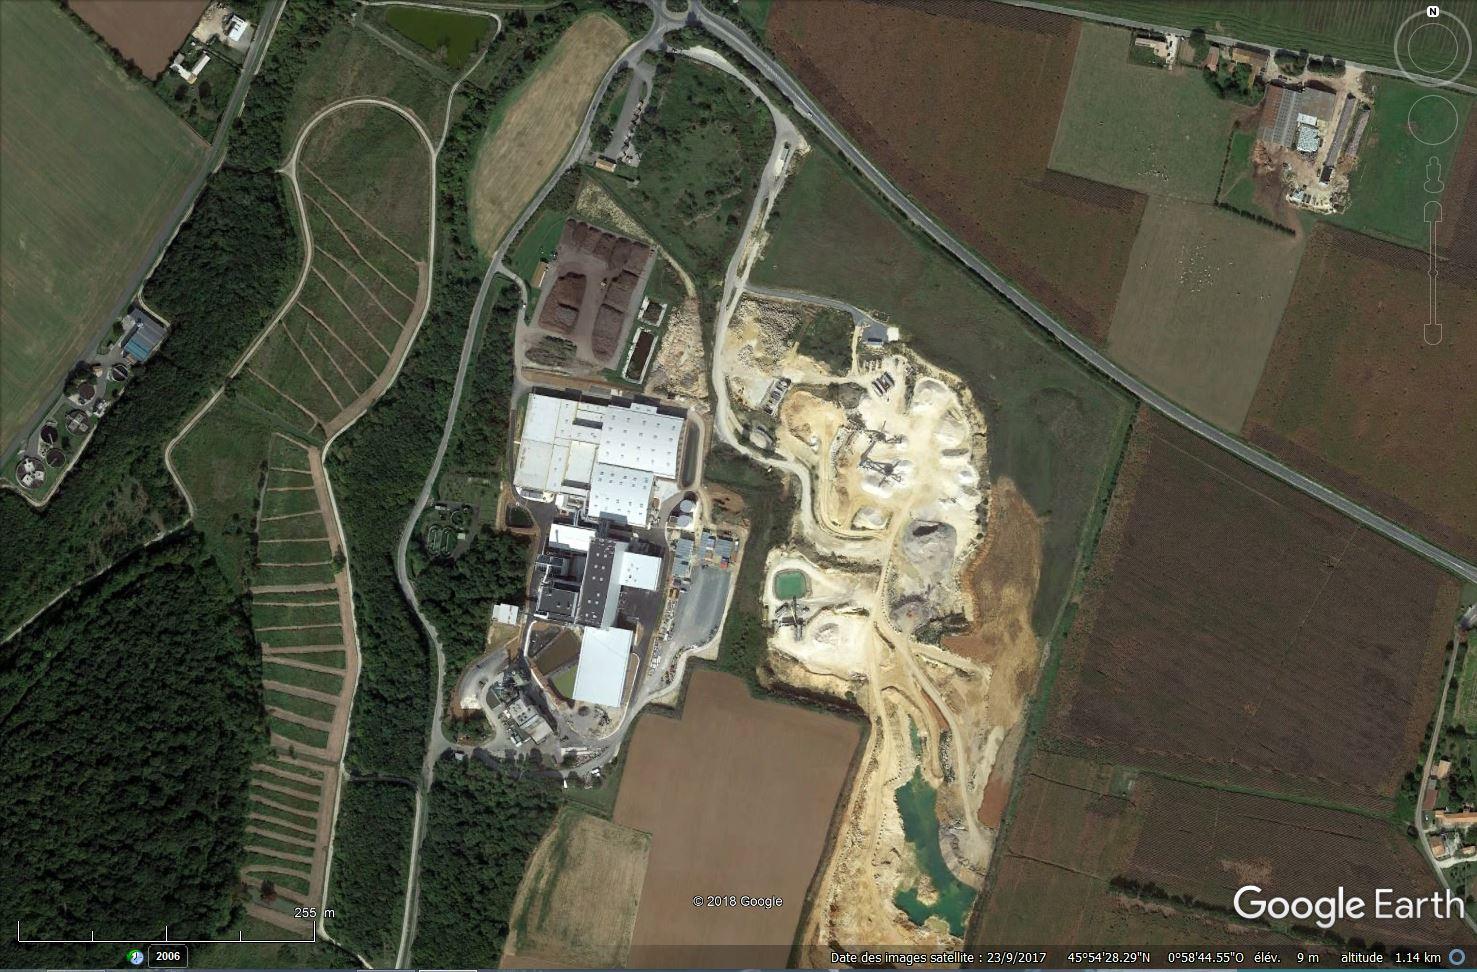 [Désormais visible sur Google Earth] - Unité multi-filières de valorisation des déchets, Echillais (17) Tsge_171